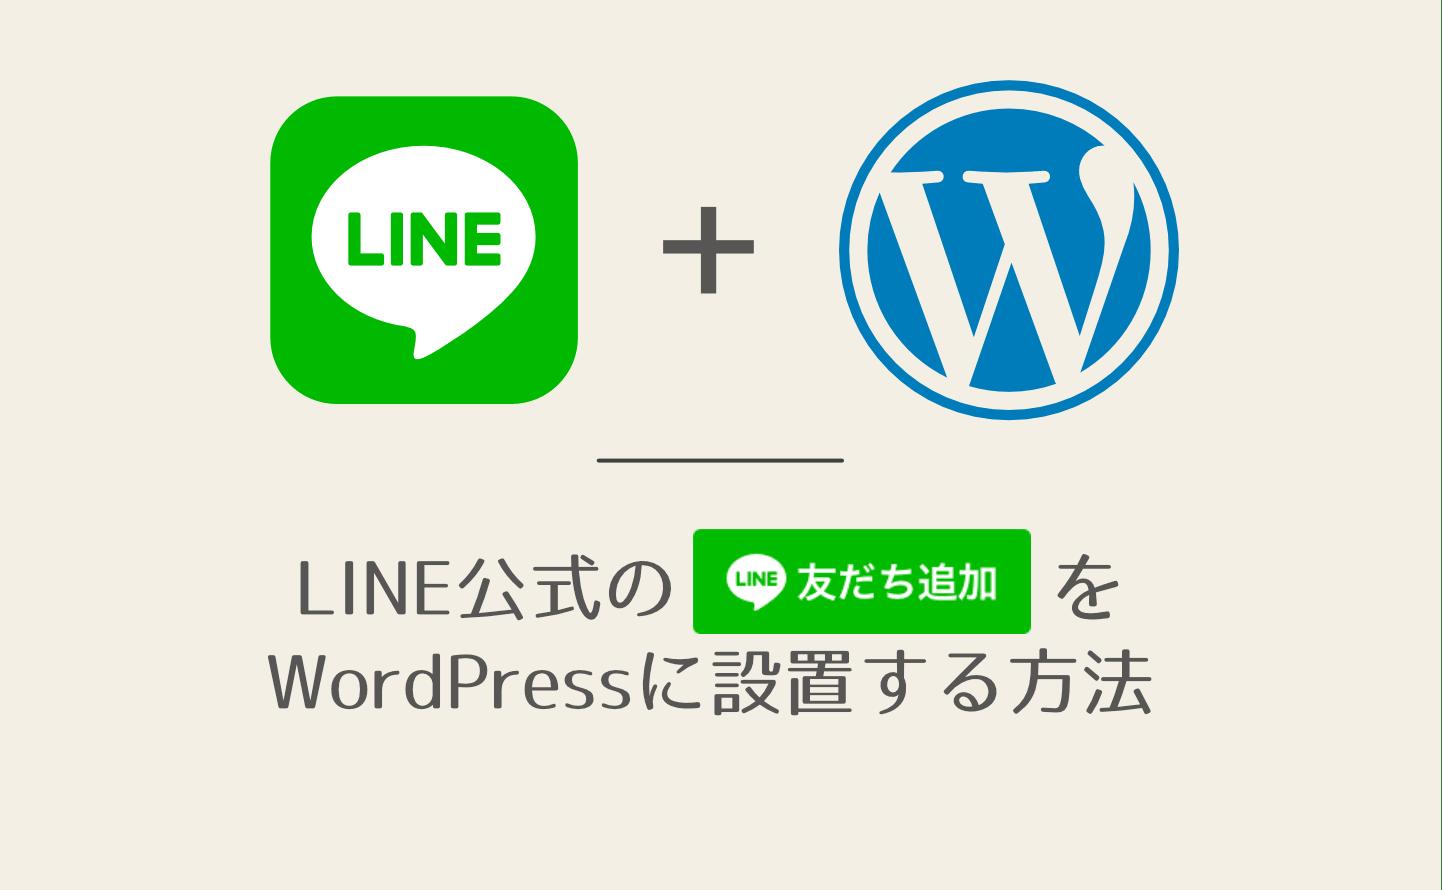 LINE公式の友だち追加ボタンをWordPressに設置する方法